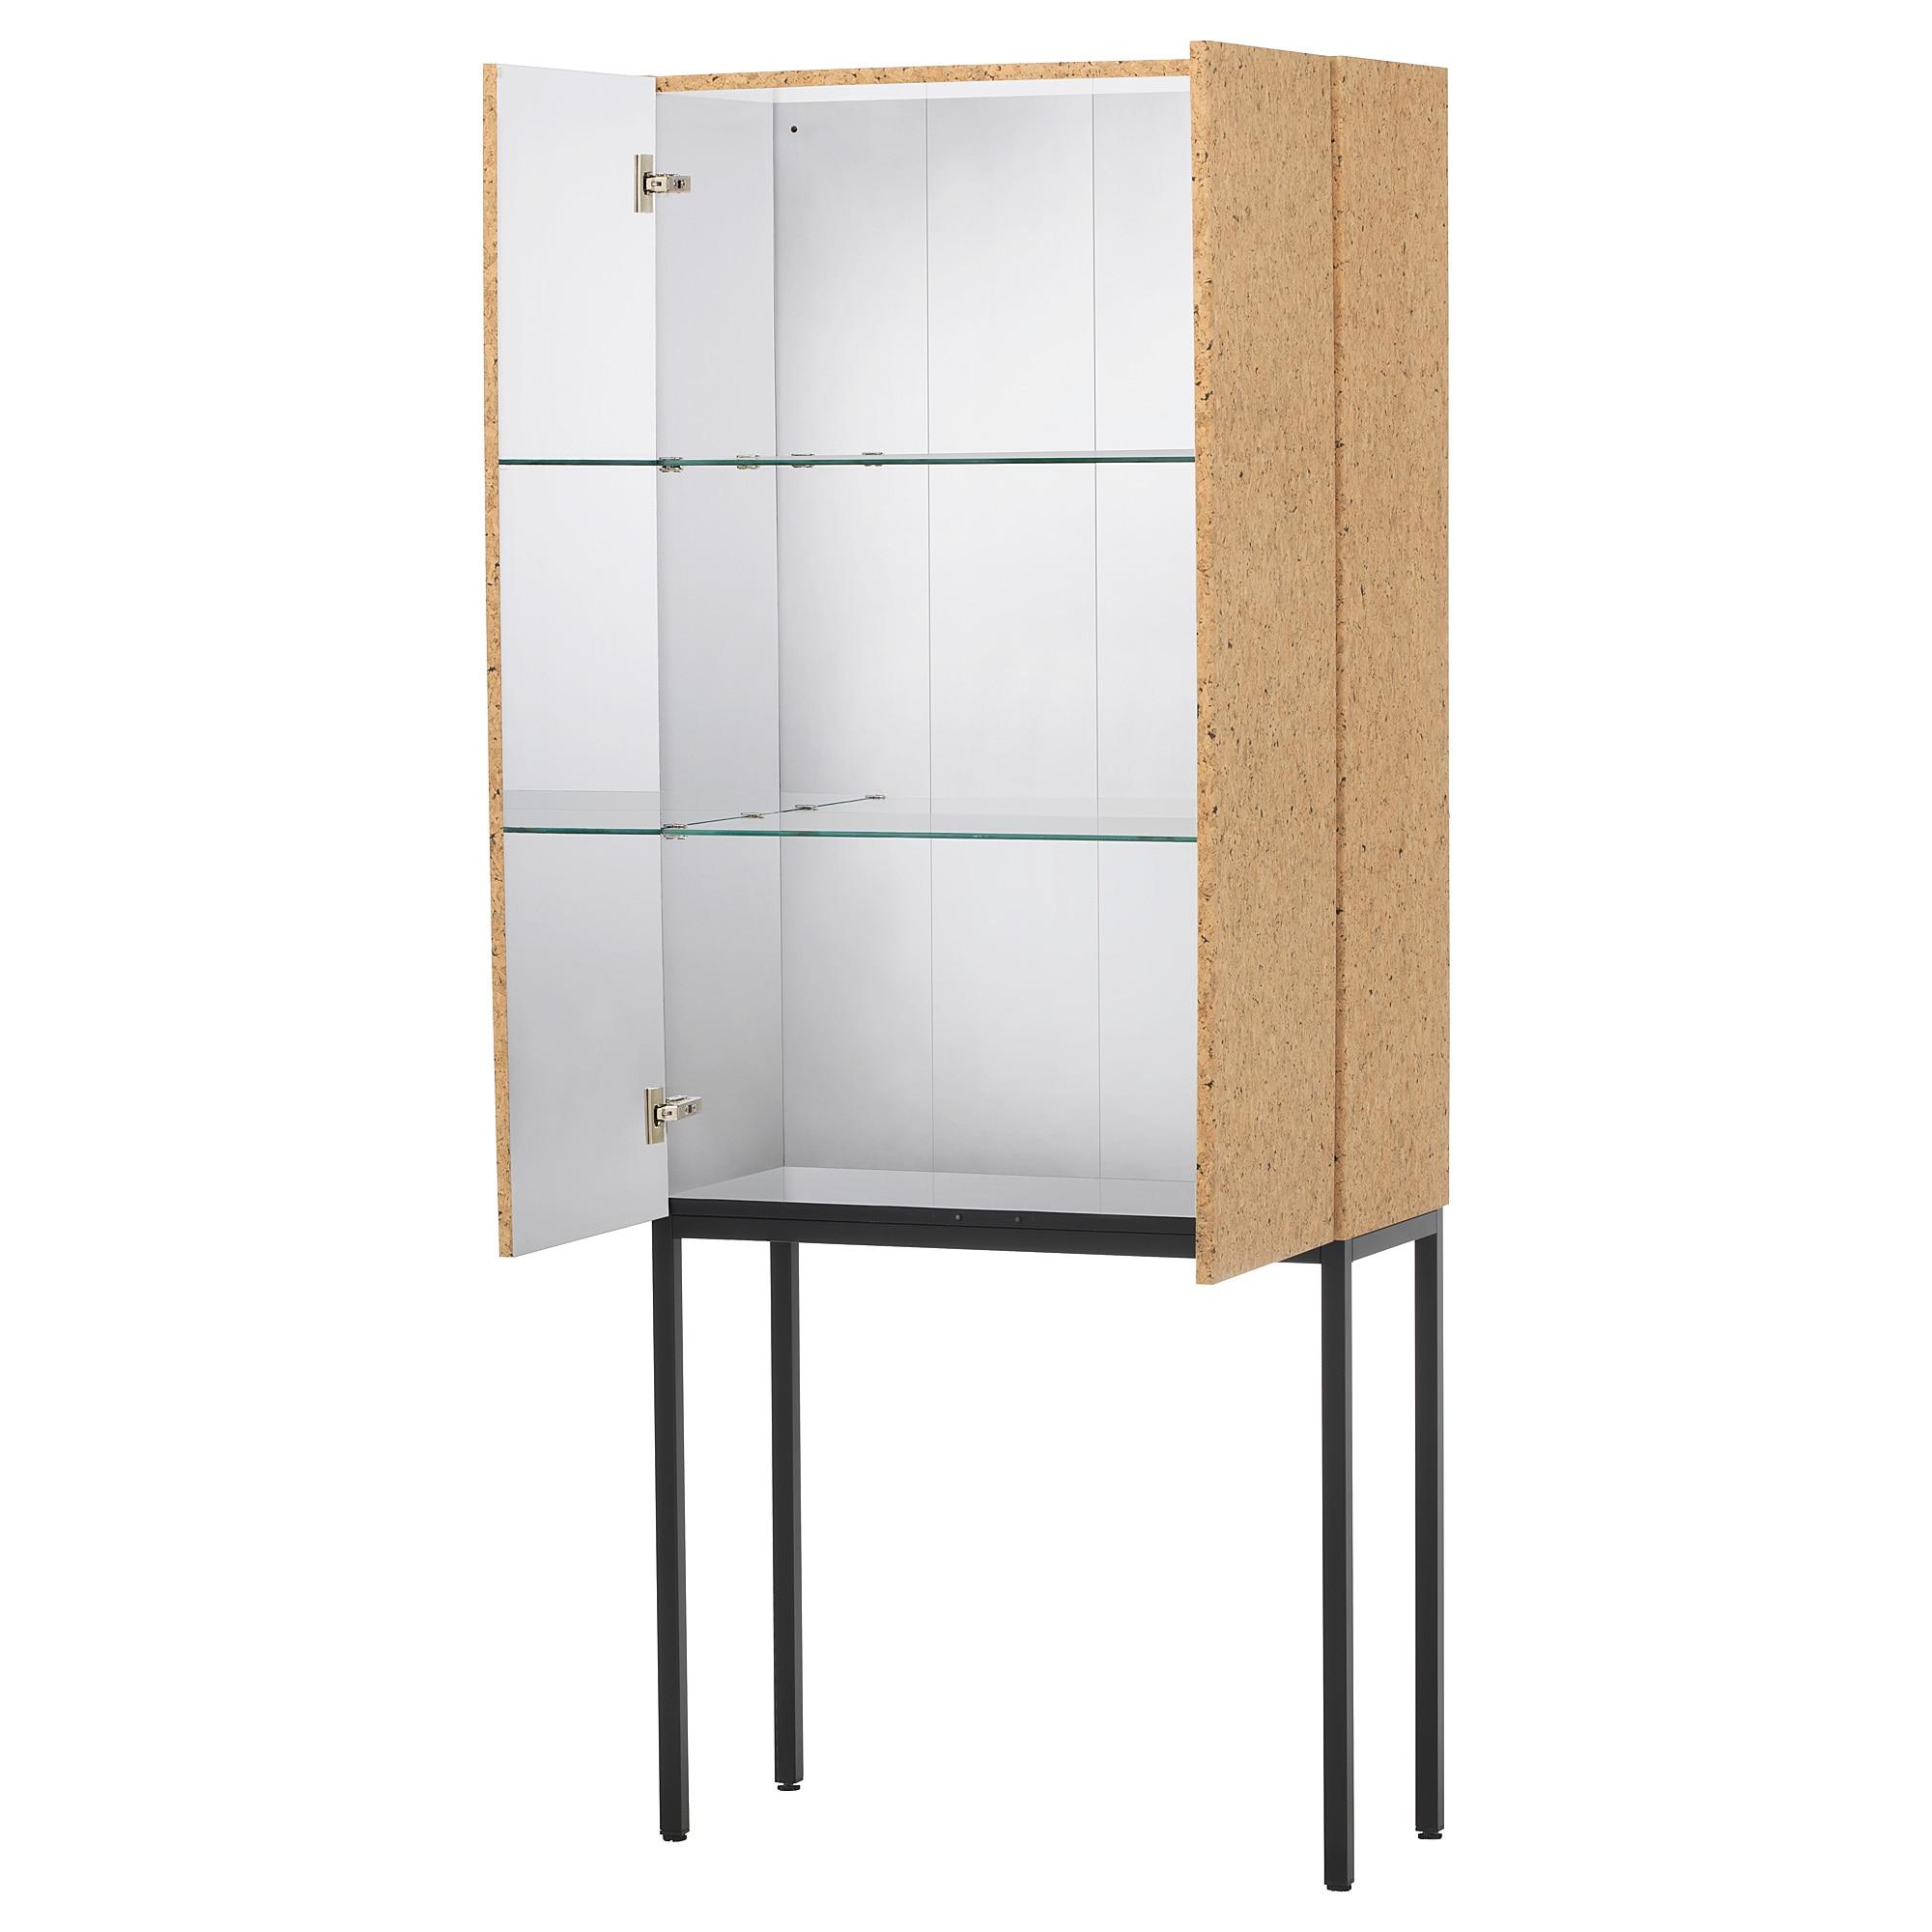 Mobilier Et Decoration Interieur Et Exterieur Idees Pour La Maison Ikea Tablette En Verre